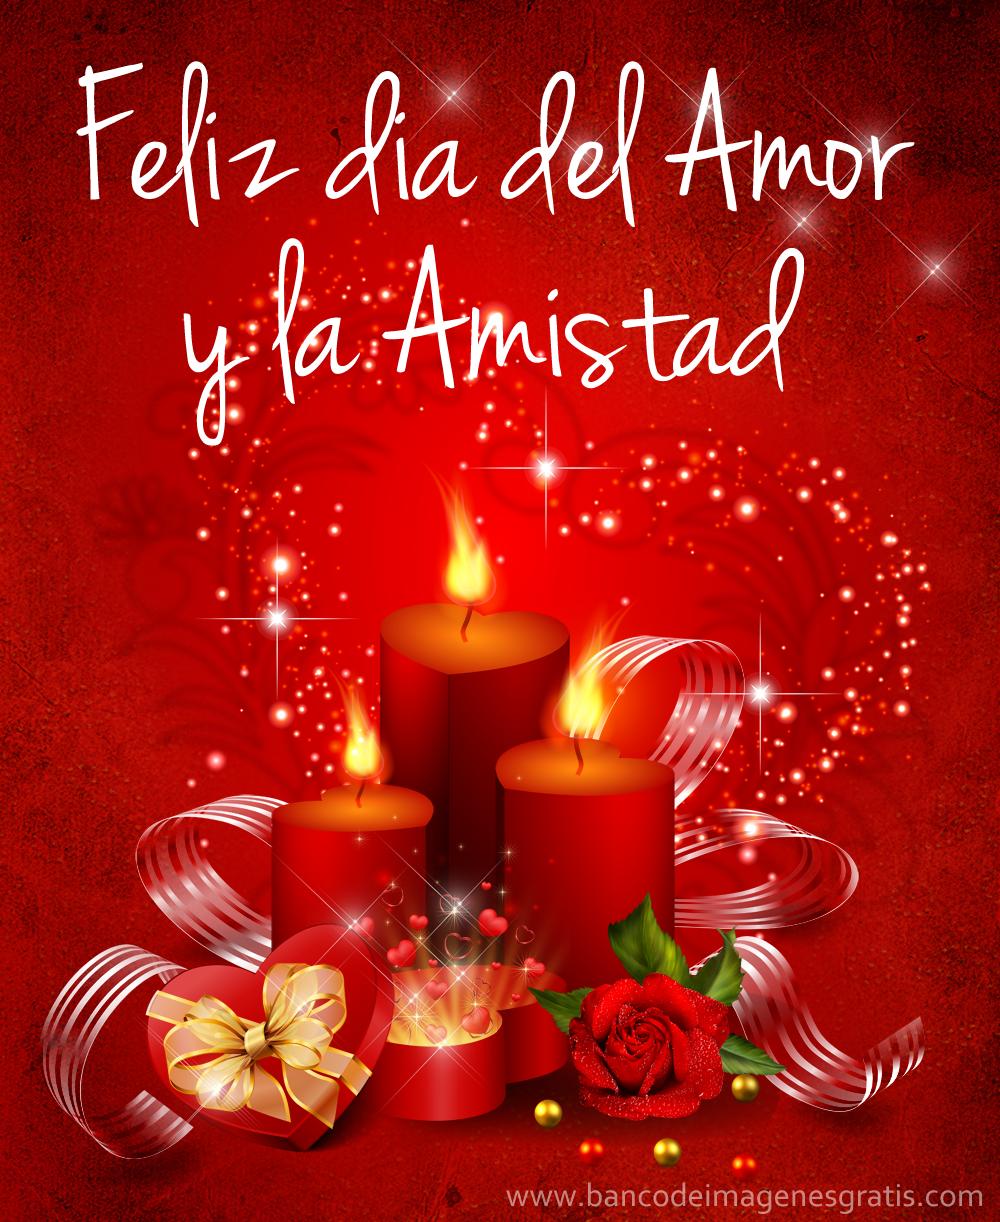 fotos de san valentin mas bellas | Imágenes de Amor para el 14 de febrero día de San Valentin